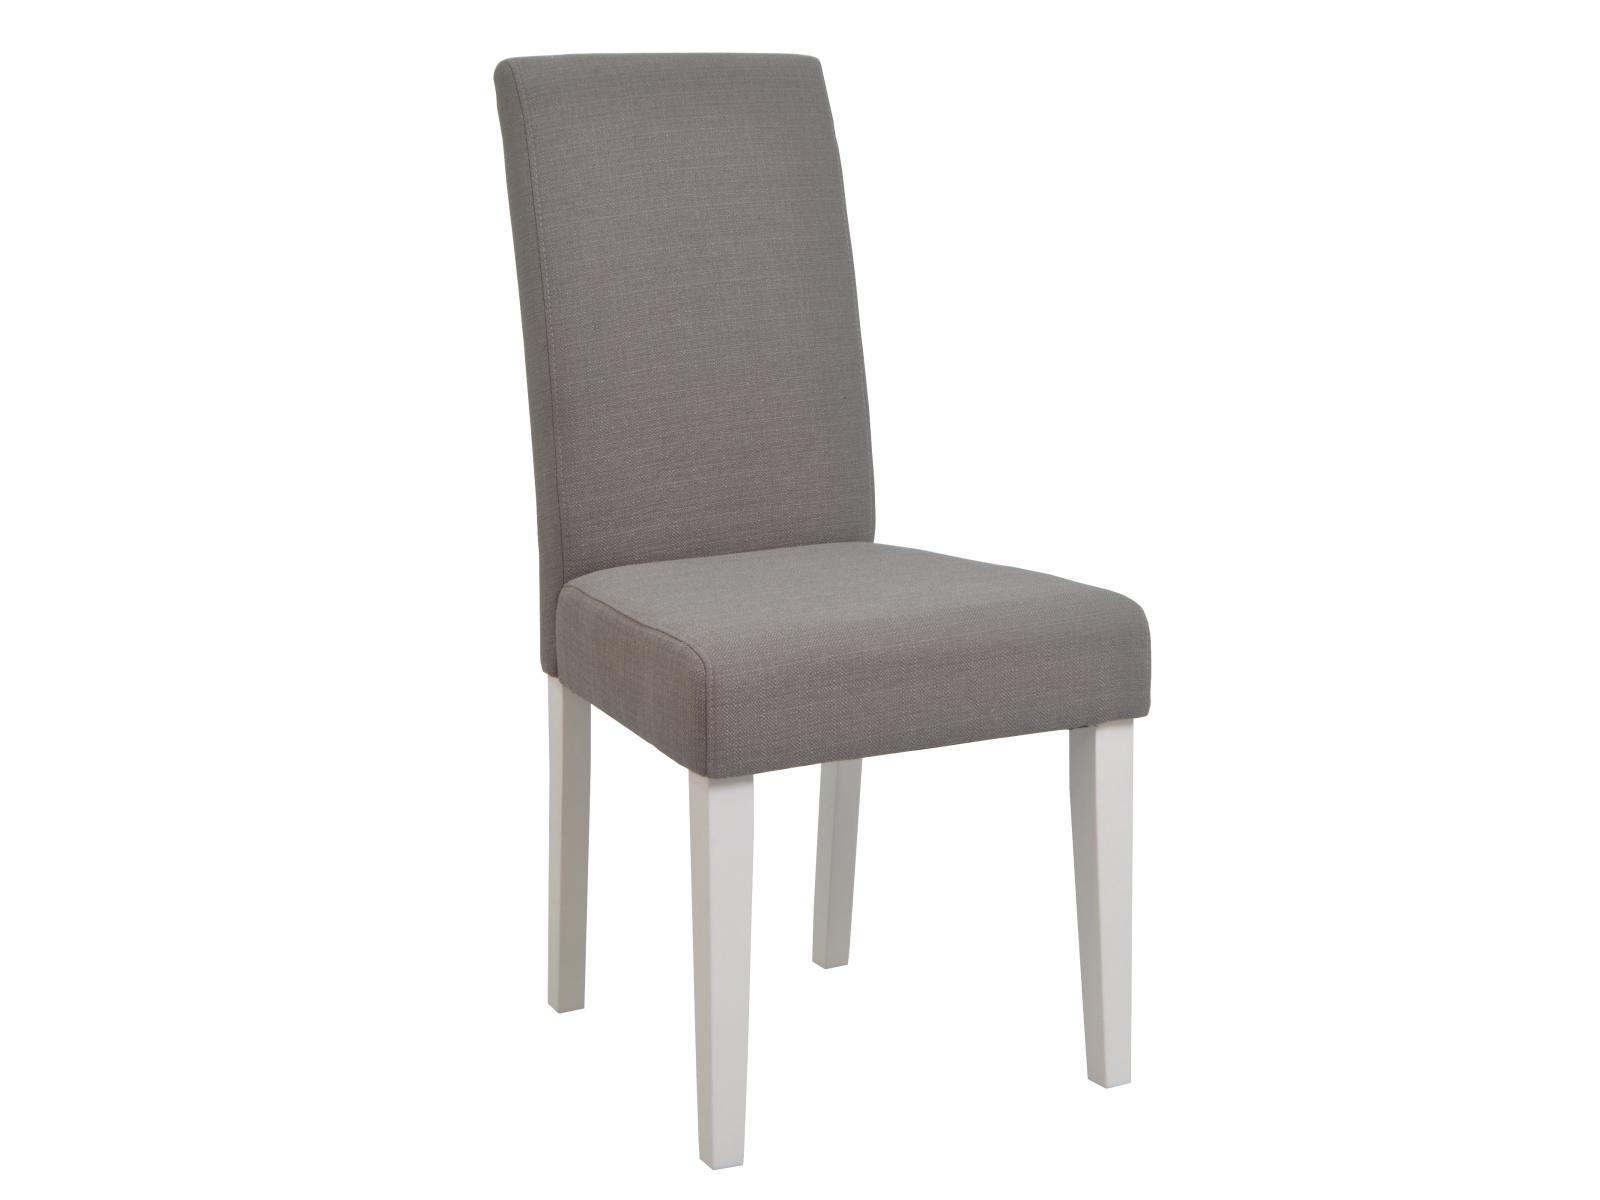 DEMEYERE MARQIS jídelní židle, svělte hnědá/borovice andersen